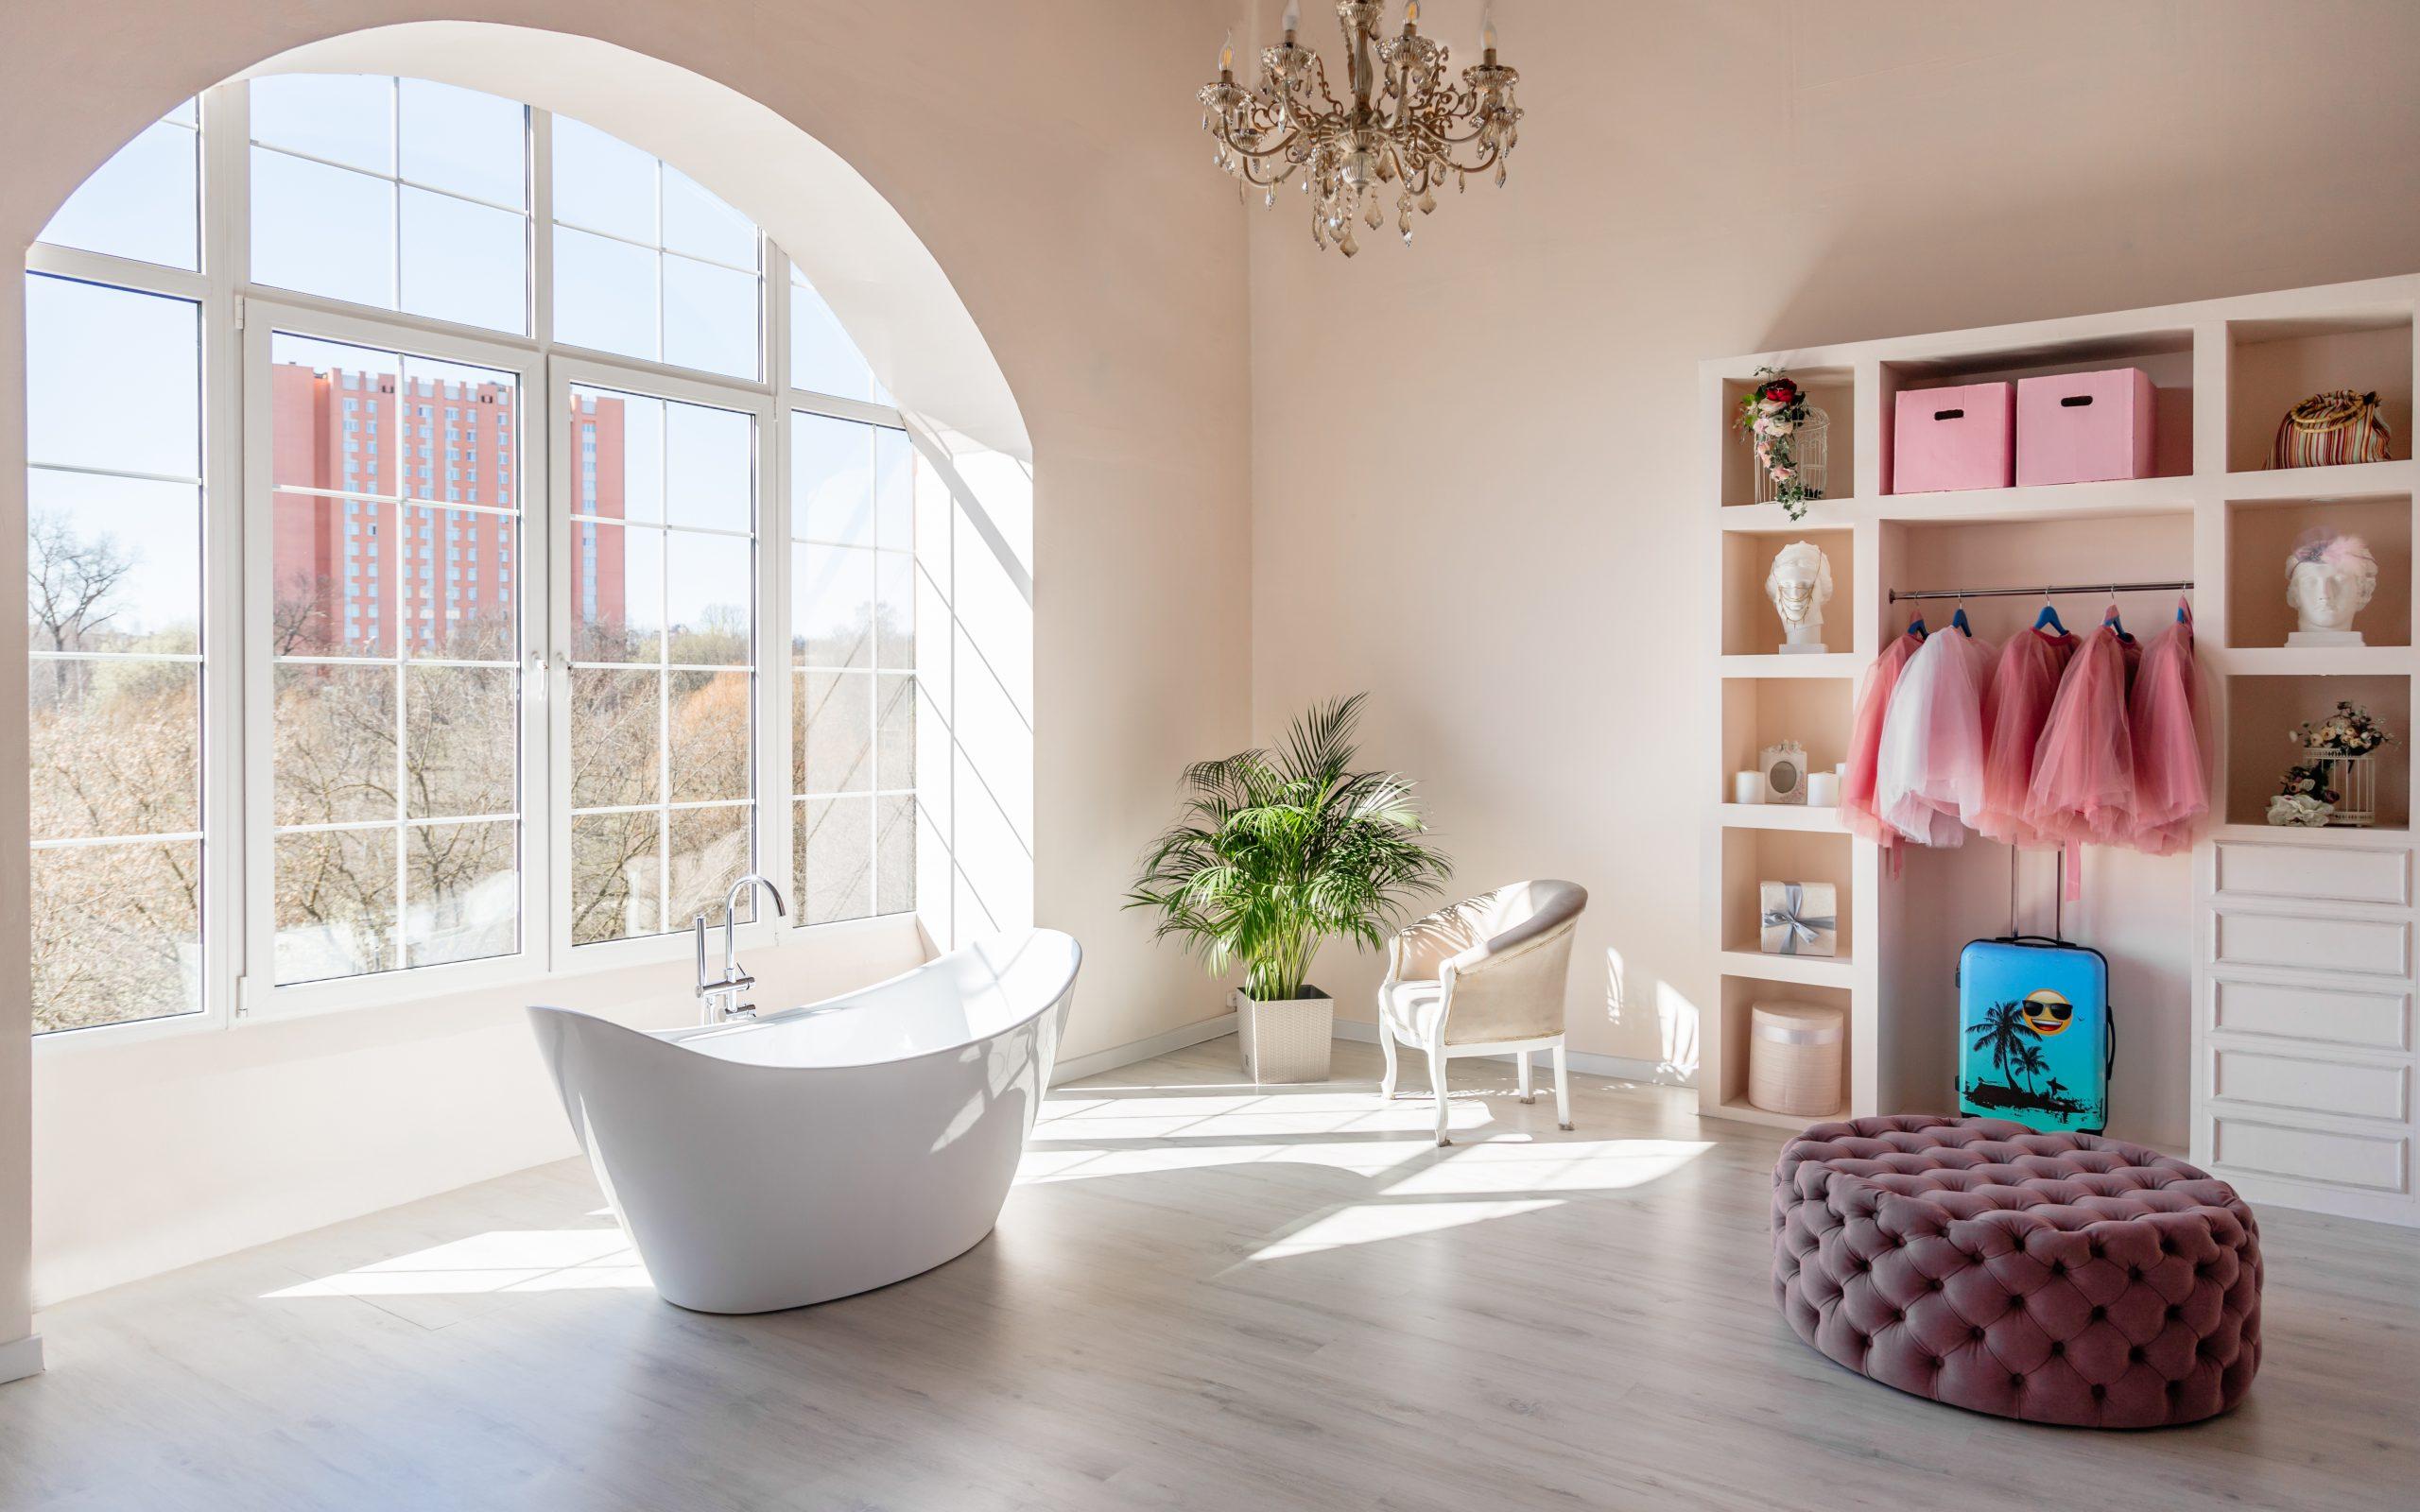 Фотостудия Дива зал Royal с ванной